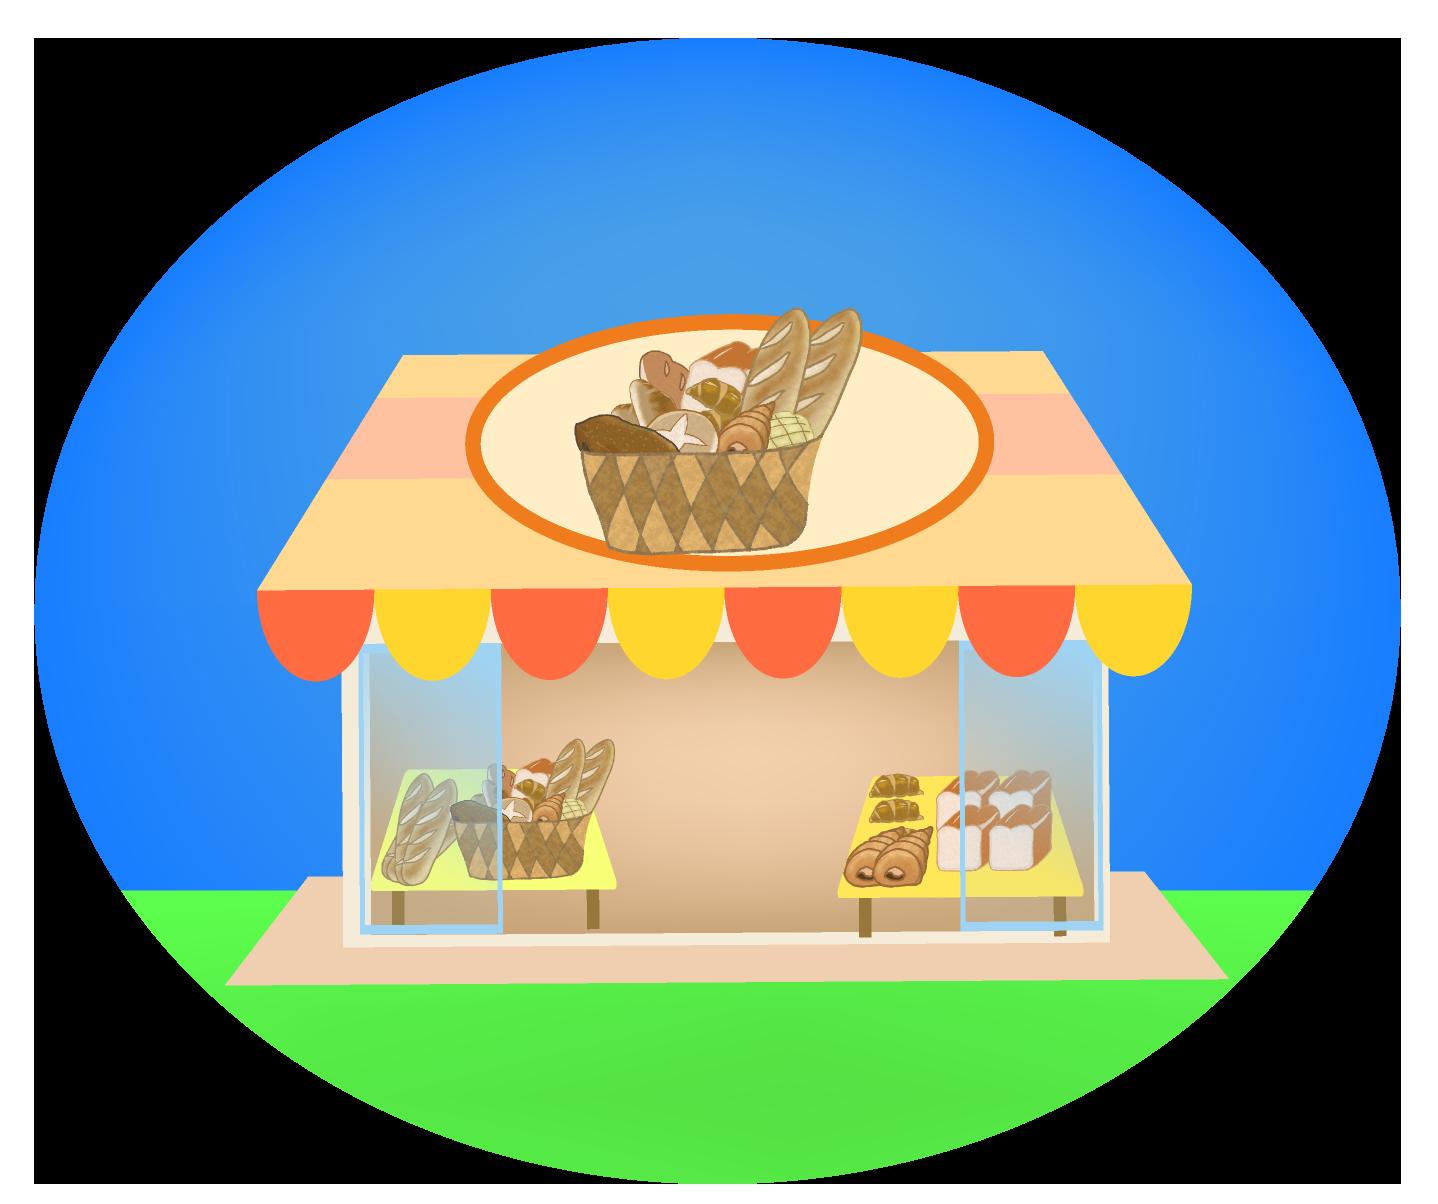 パン屋のイラスト(背景付き)